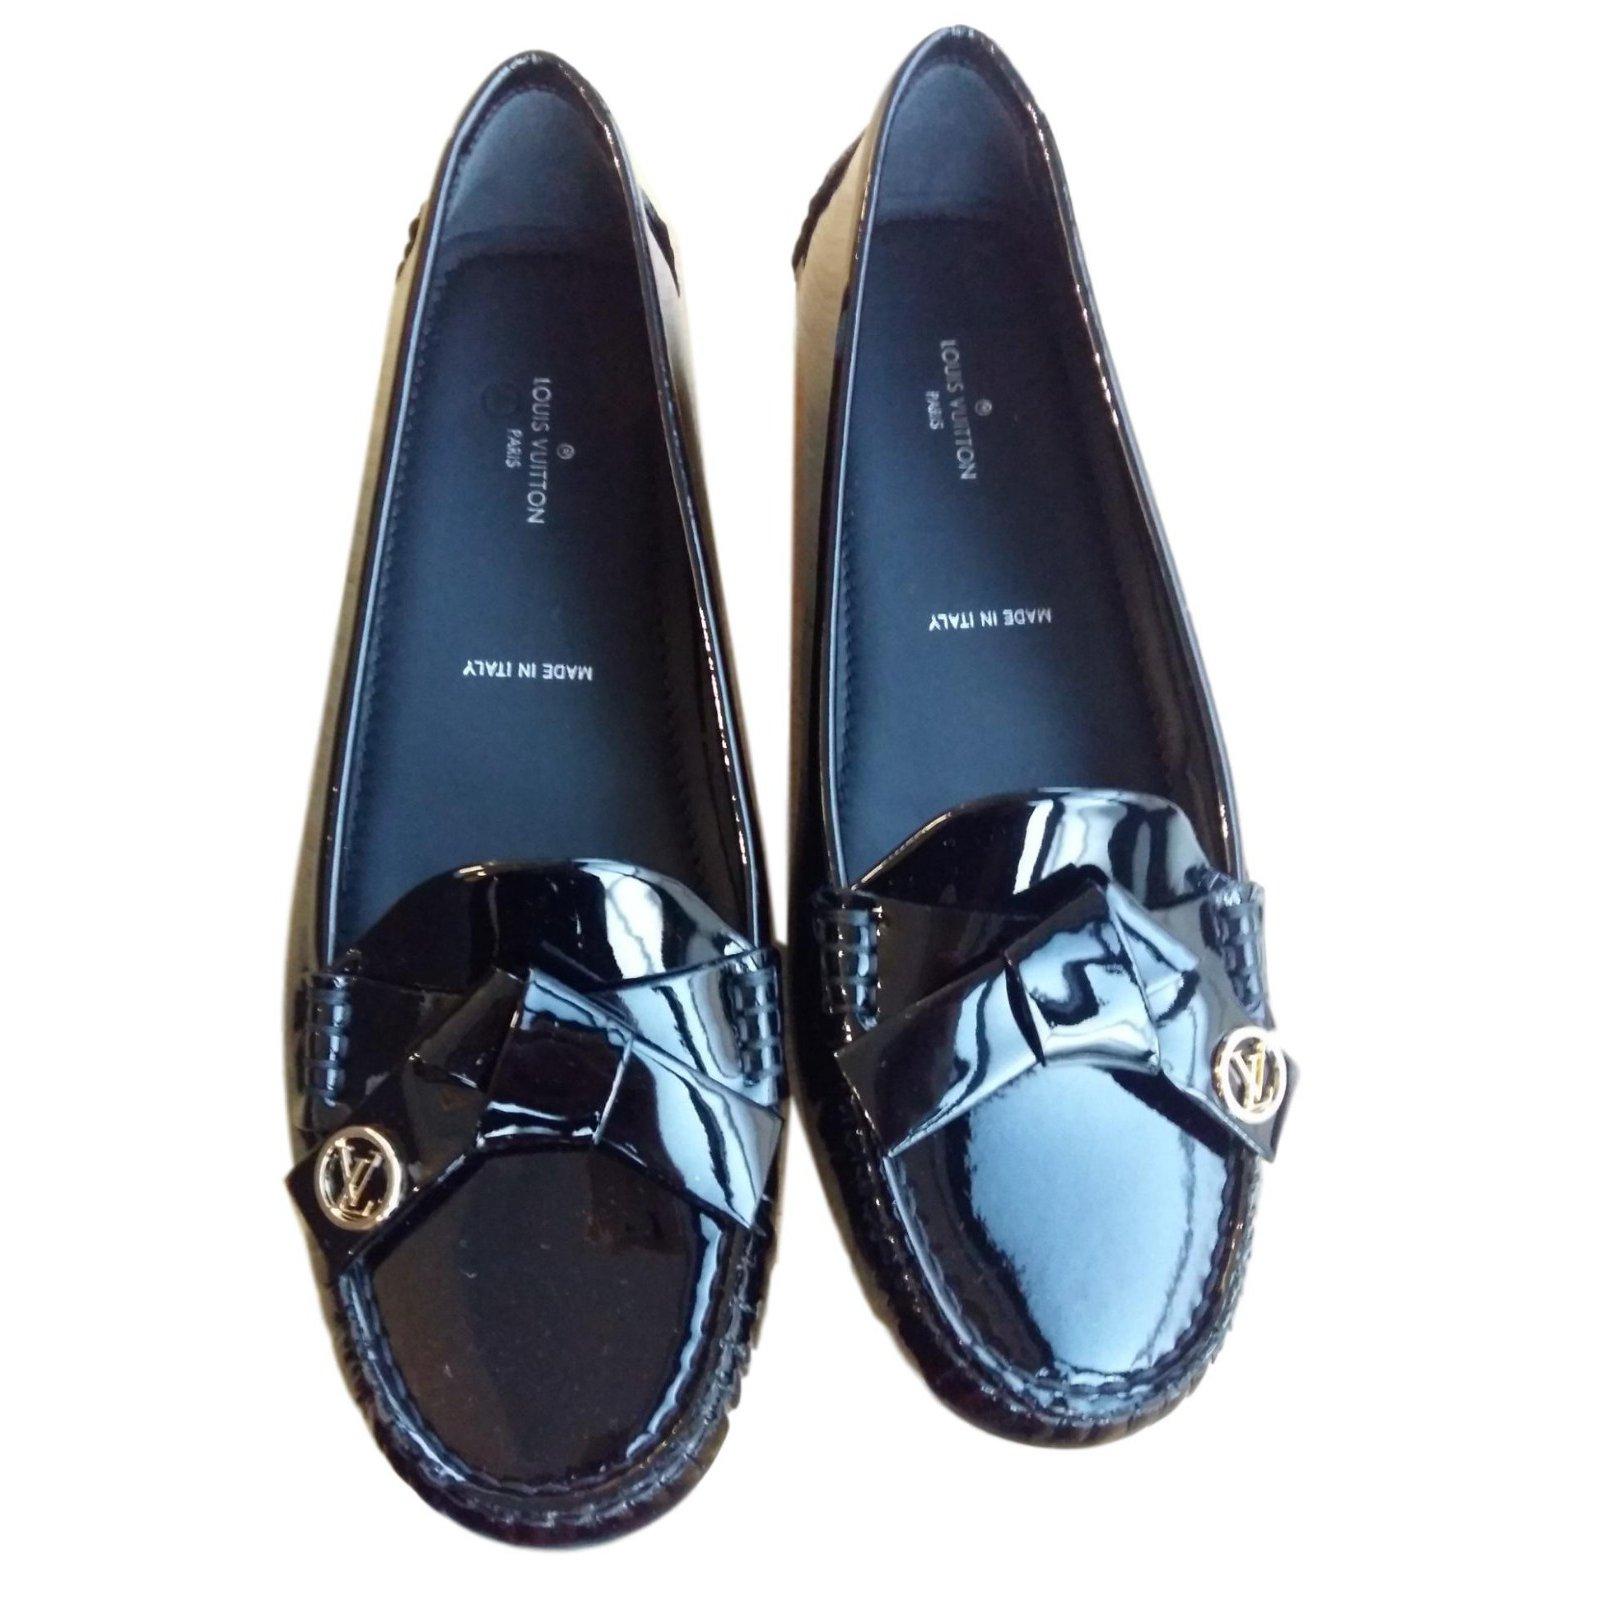 Vitton Chaussure Louis Park Cuir Noir GVpSqMLzU